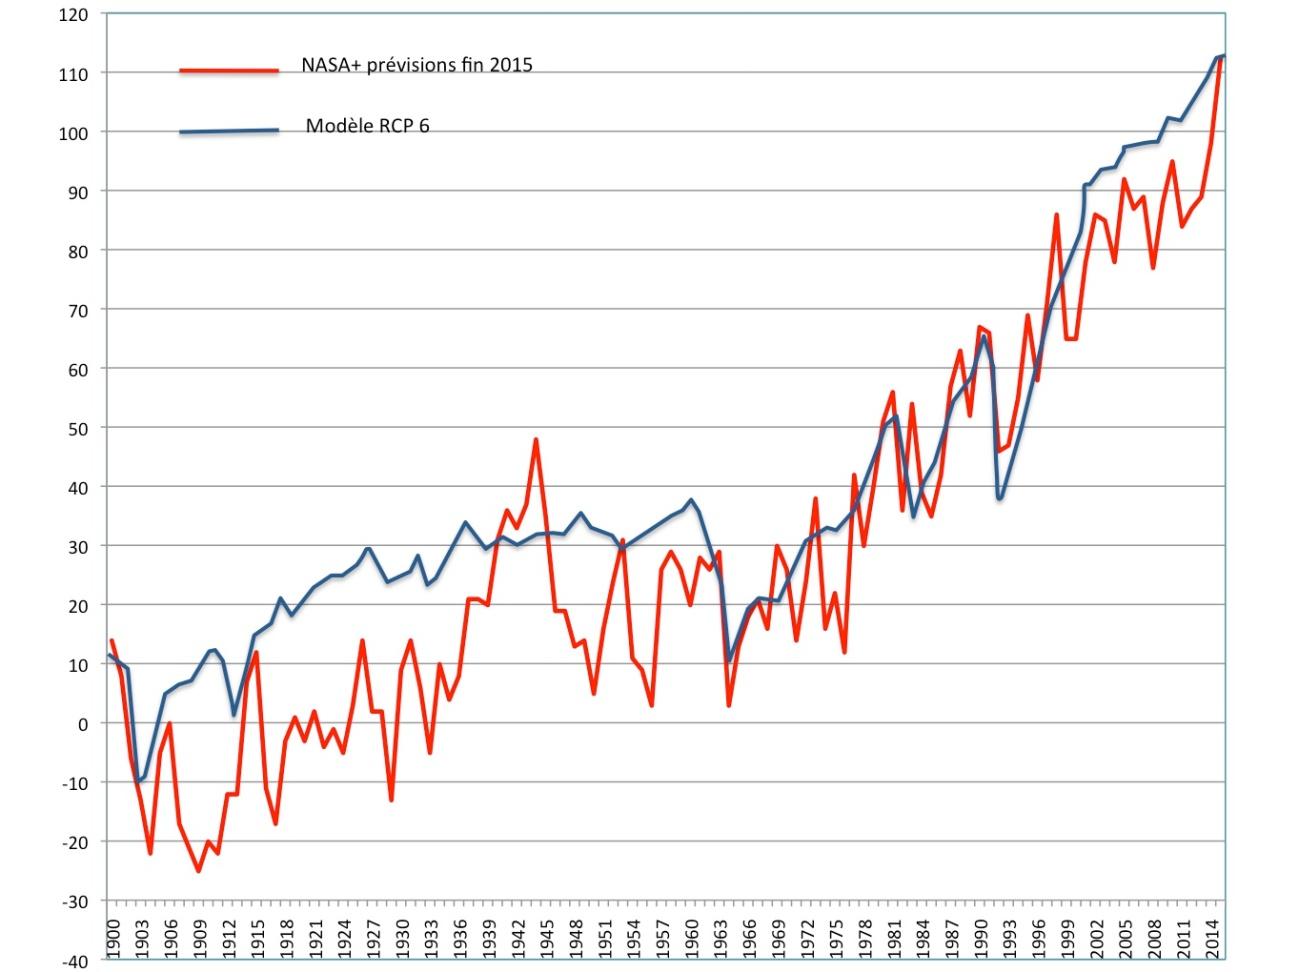 Comparaison entre la projection centrale des modèles RCP 6.0 et les observations de la NASA (+traduction NCEP par global-climat pour les 4 derniers mois de 2015) entre 1900 et 2015 (écart à la moyenne 1880-1900)